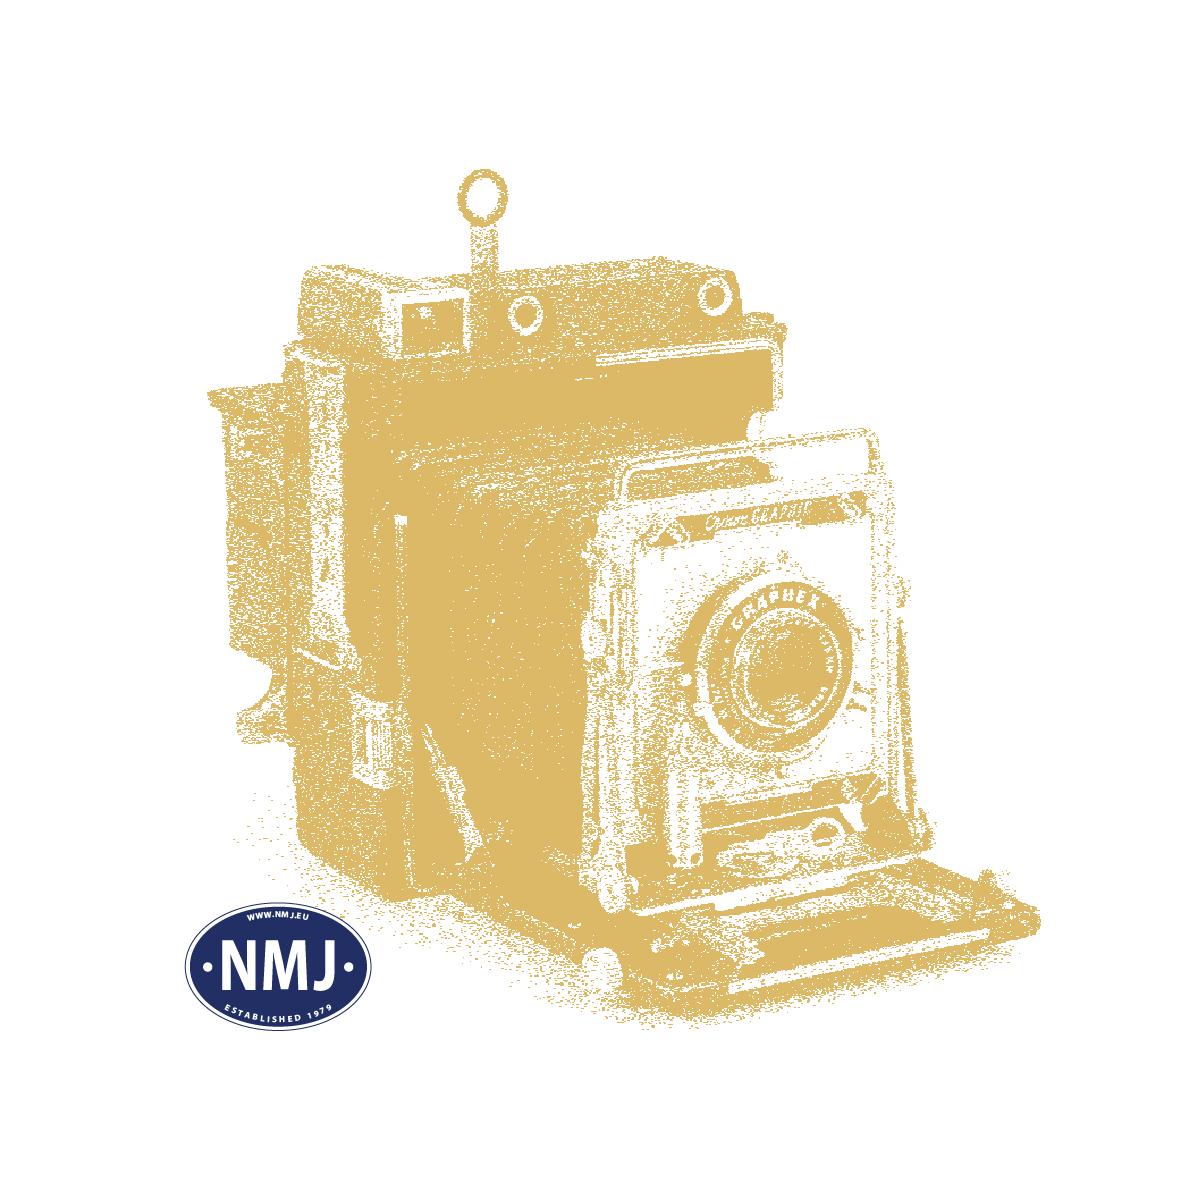 """NMJT136.302 - NMJ Topline NSB CB2 21227 """"Intercity Spesial m/ Blått Felt"""", Nydesign"""